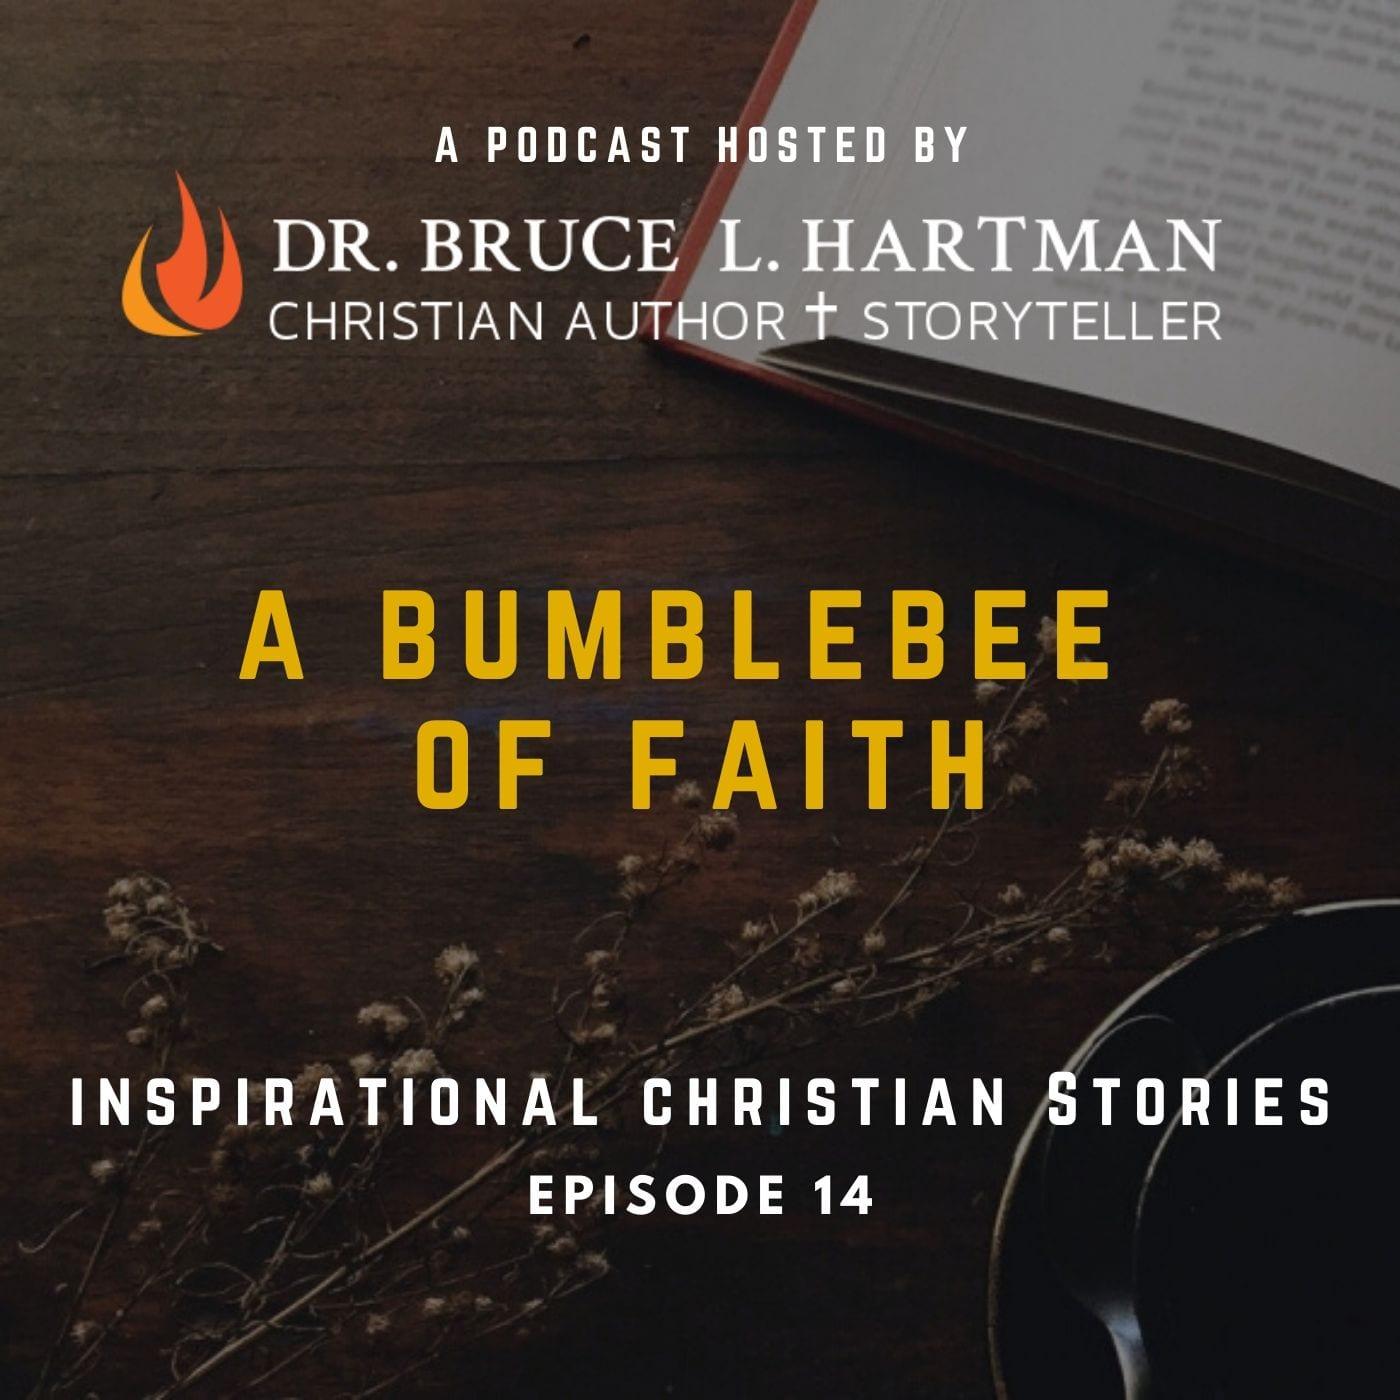 bumblebee of faith